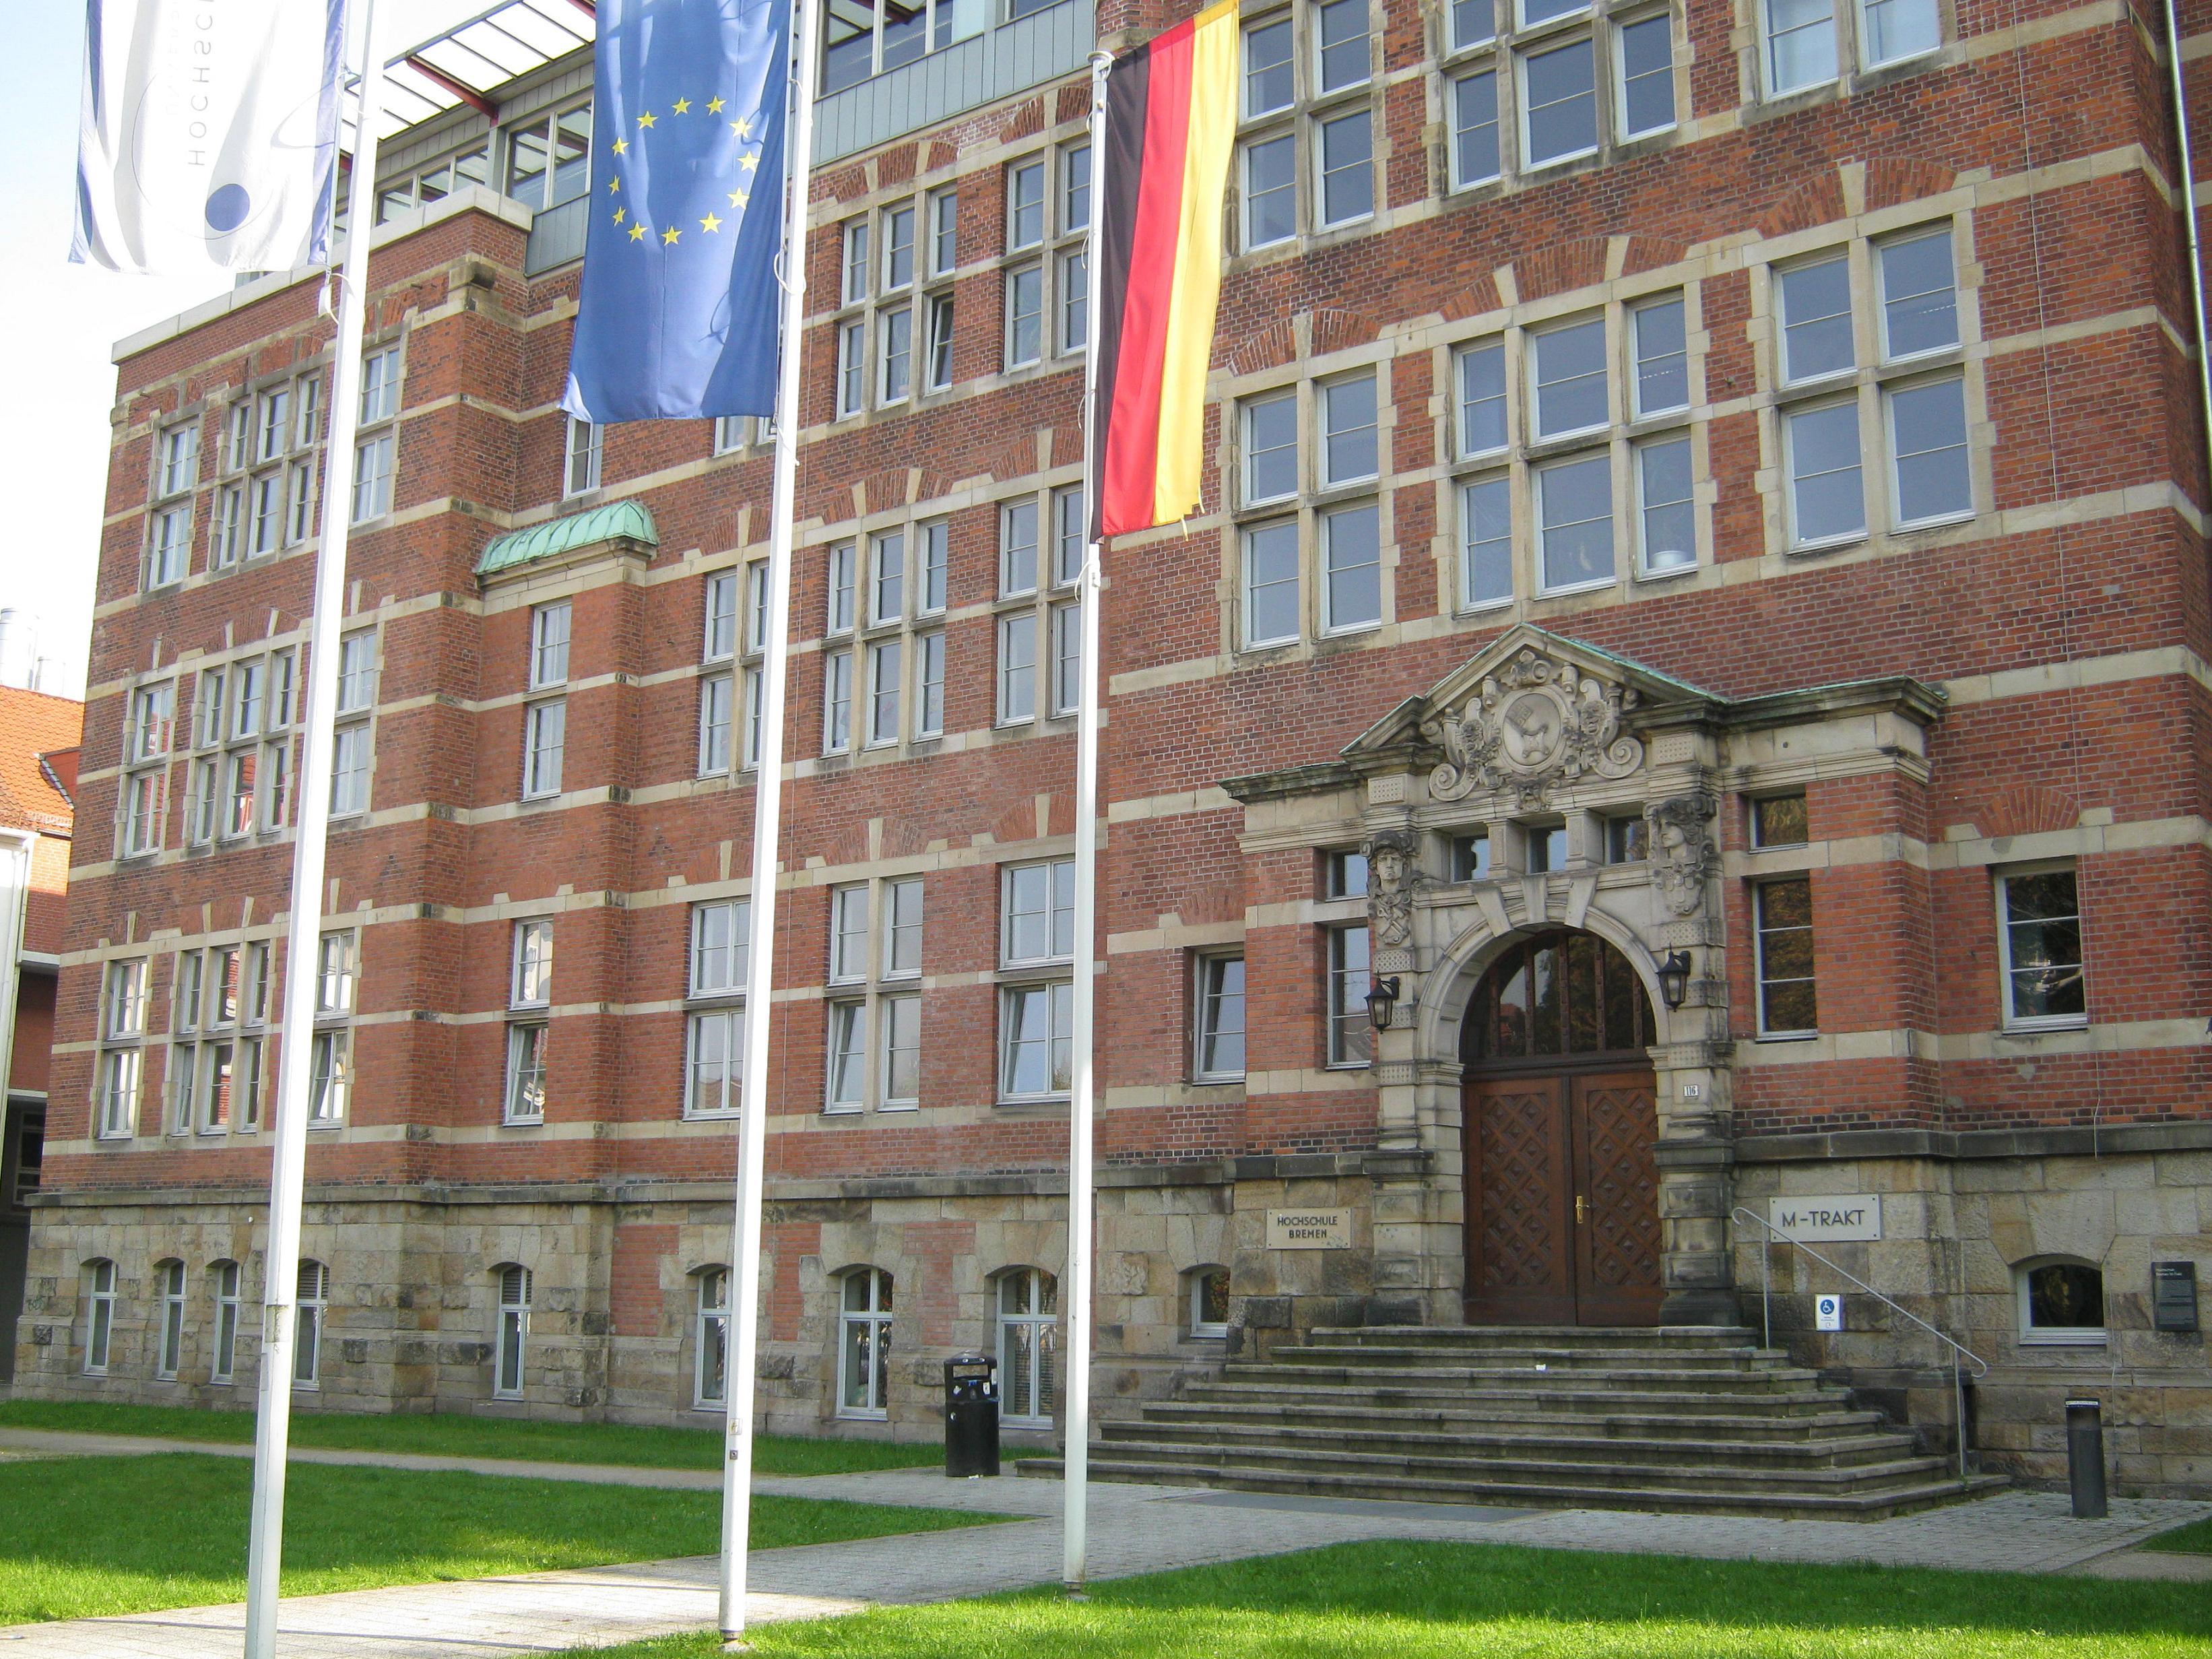 Hs Bremen Dreamspark